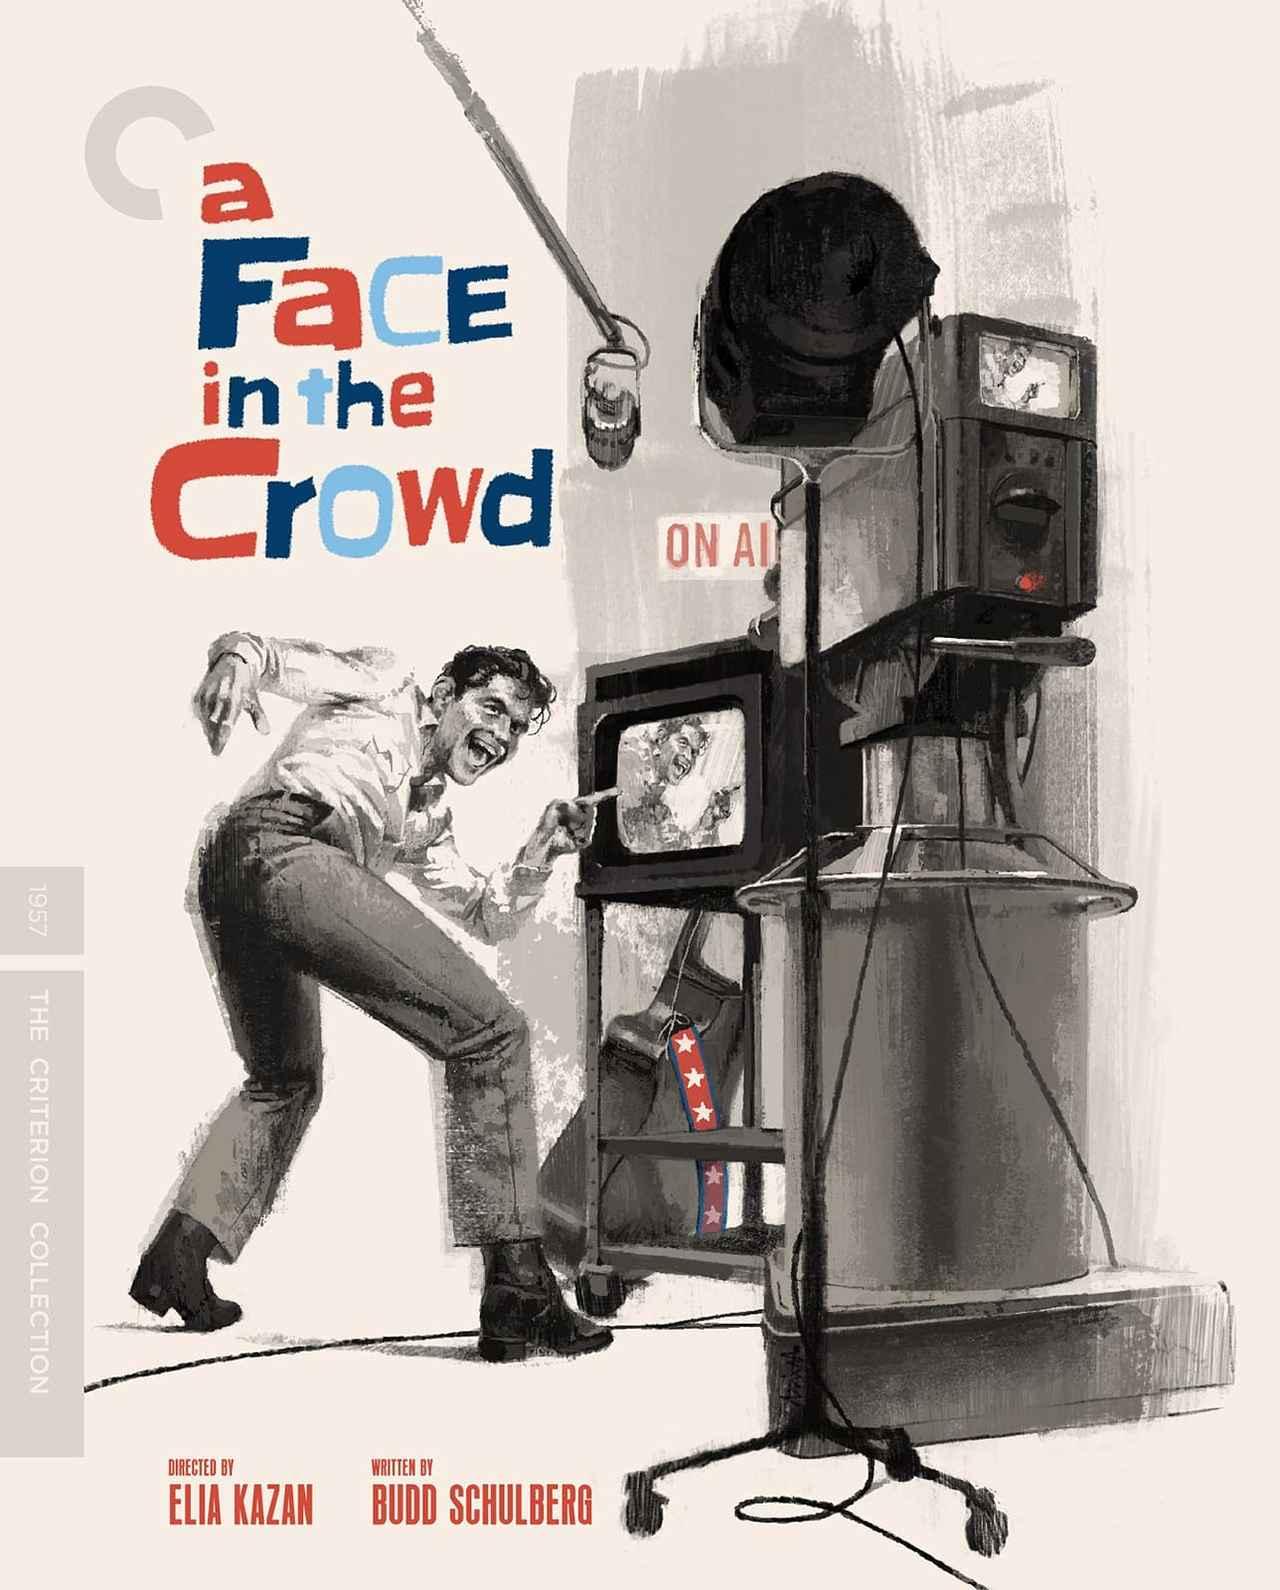 画像: エリア・カザン監督作『群衆の中の一つの顔』【クライテリオンNEWリリース】